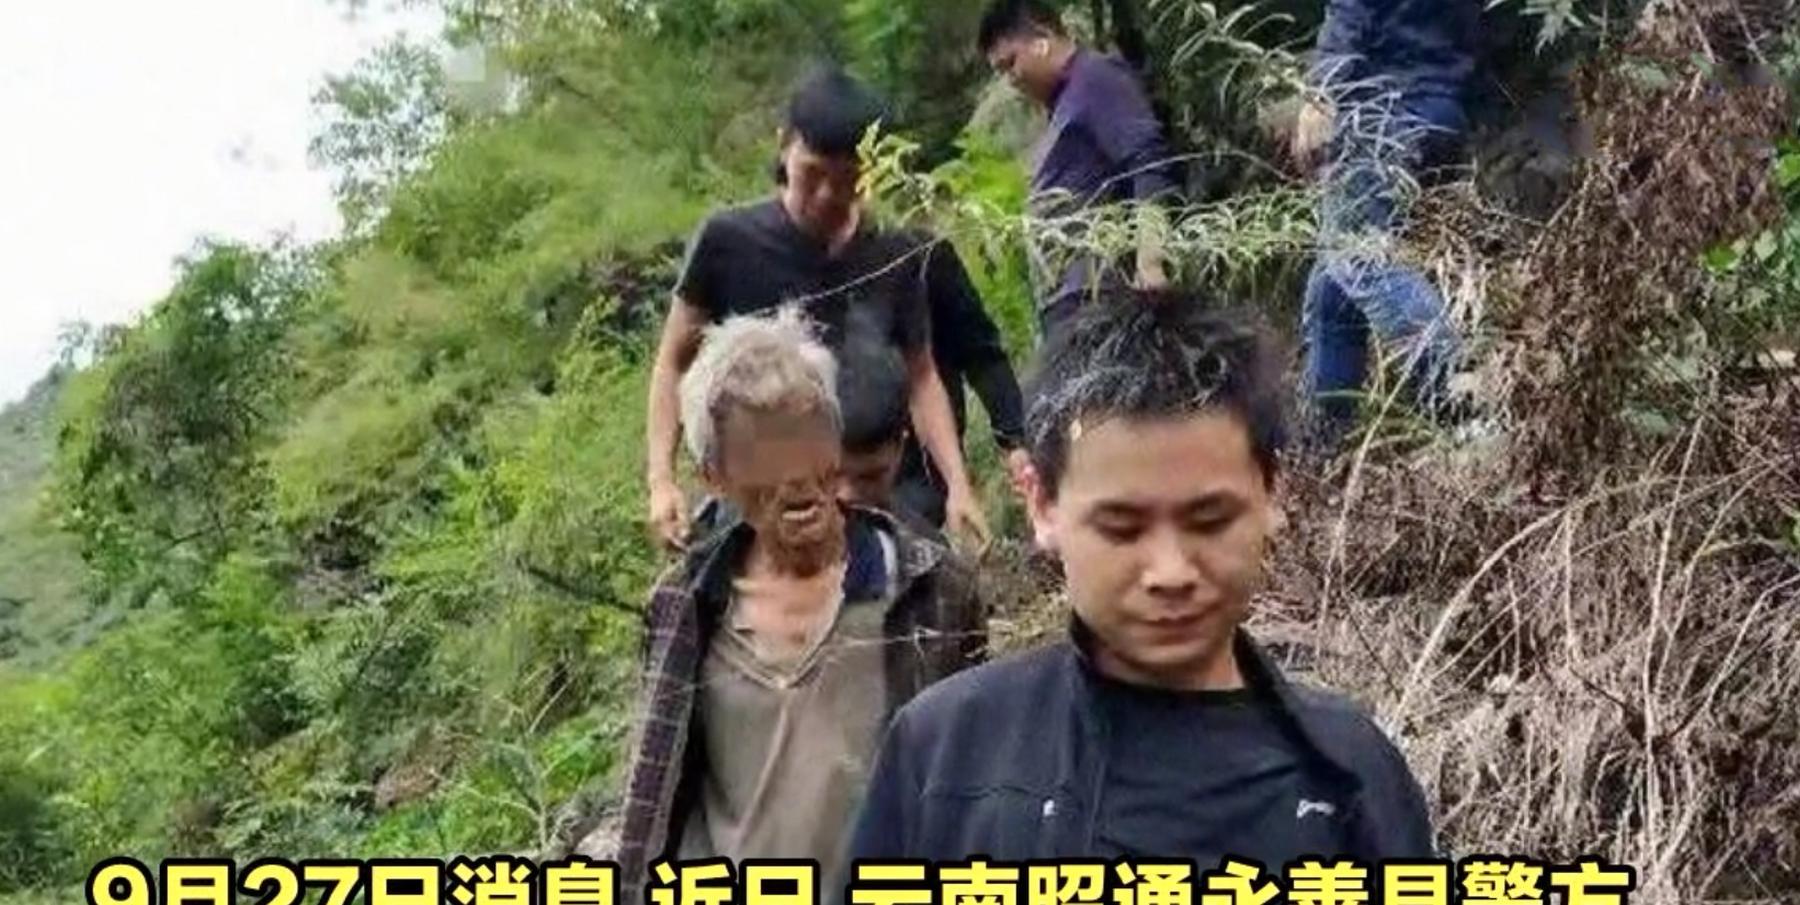 云南一男子越狱潜逃17年,潜逃期藏身2平米洞穴,洞内设备齐全